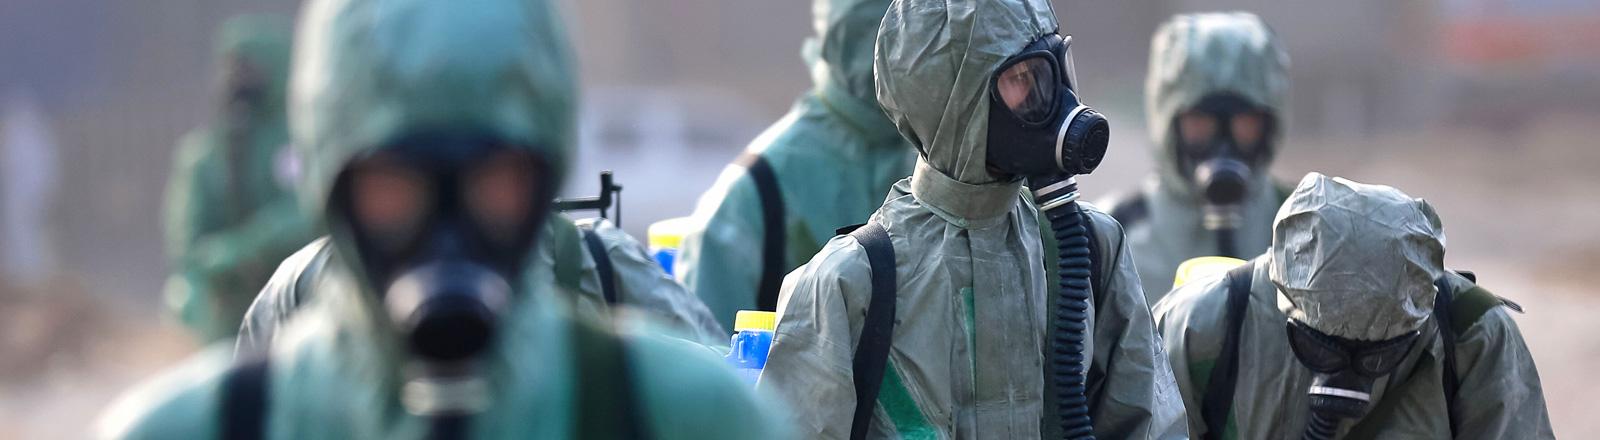 Nach Explosionen in einem Gefahrgutlager in der chinesischen Hafenstadt Tianjin desinfizieren Rettungskräfte in Schutzanzügen die Gegend; Bild: dpa